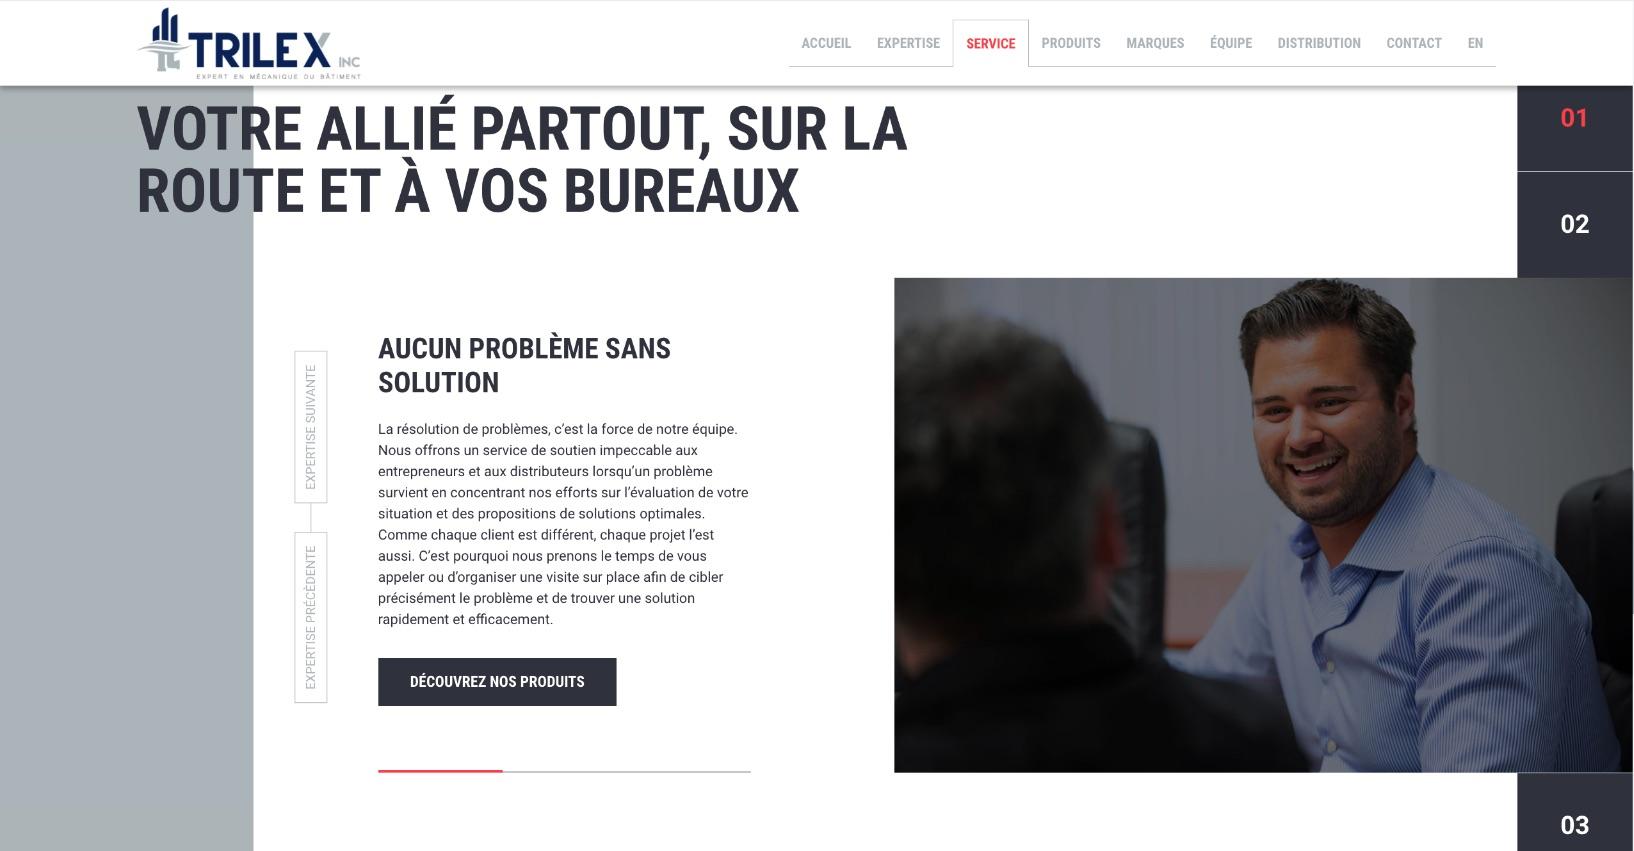 Fonctionnalités Web | Design industriel | Carrousel à onglets